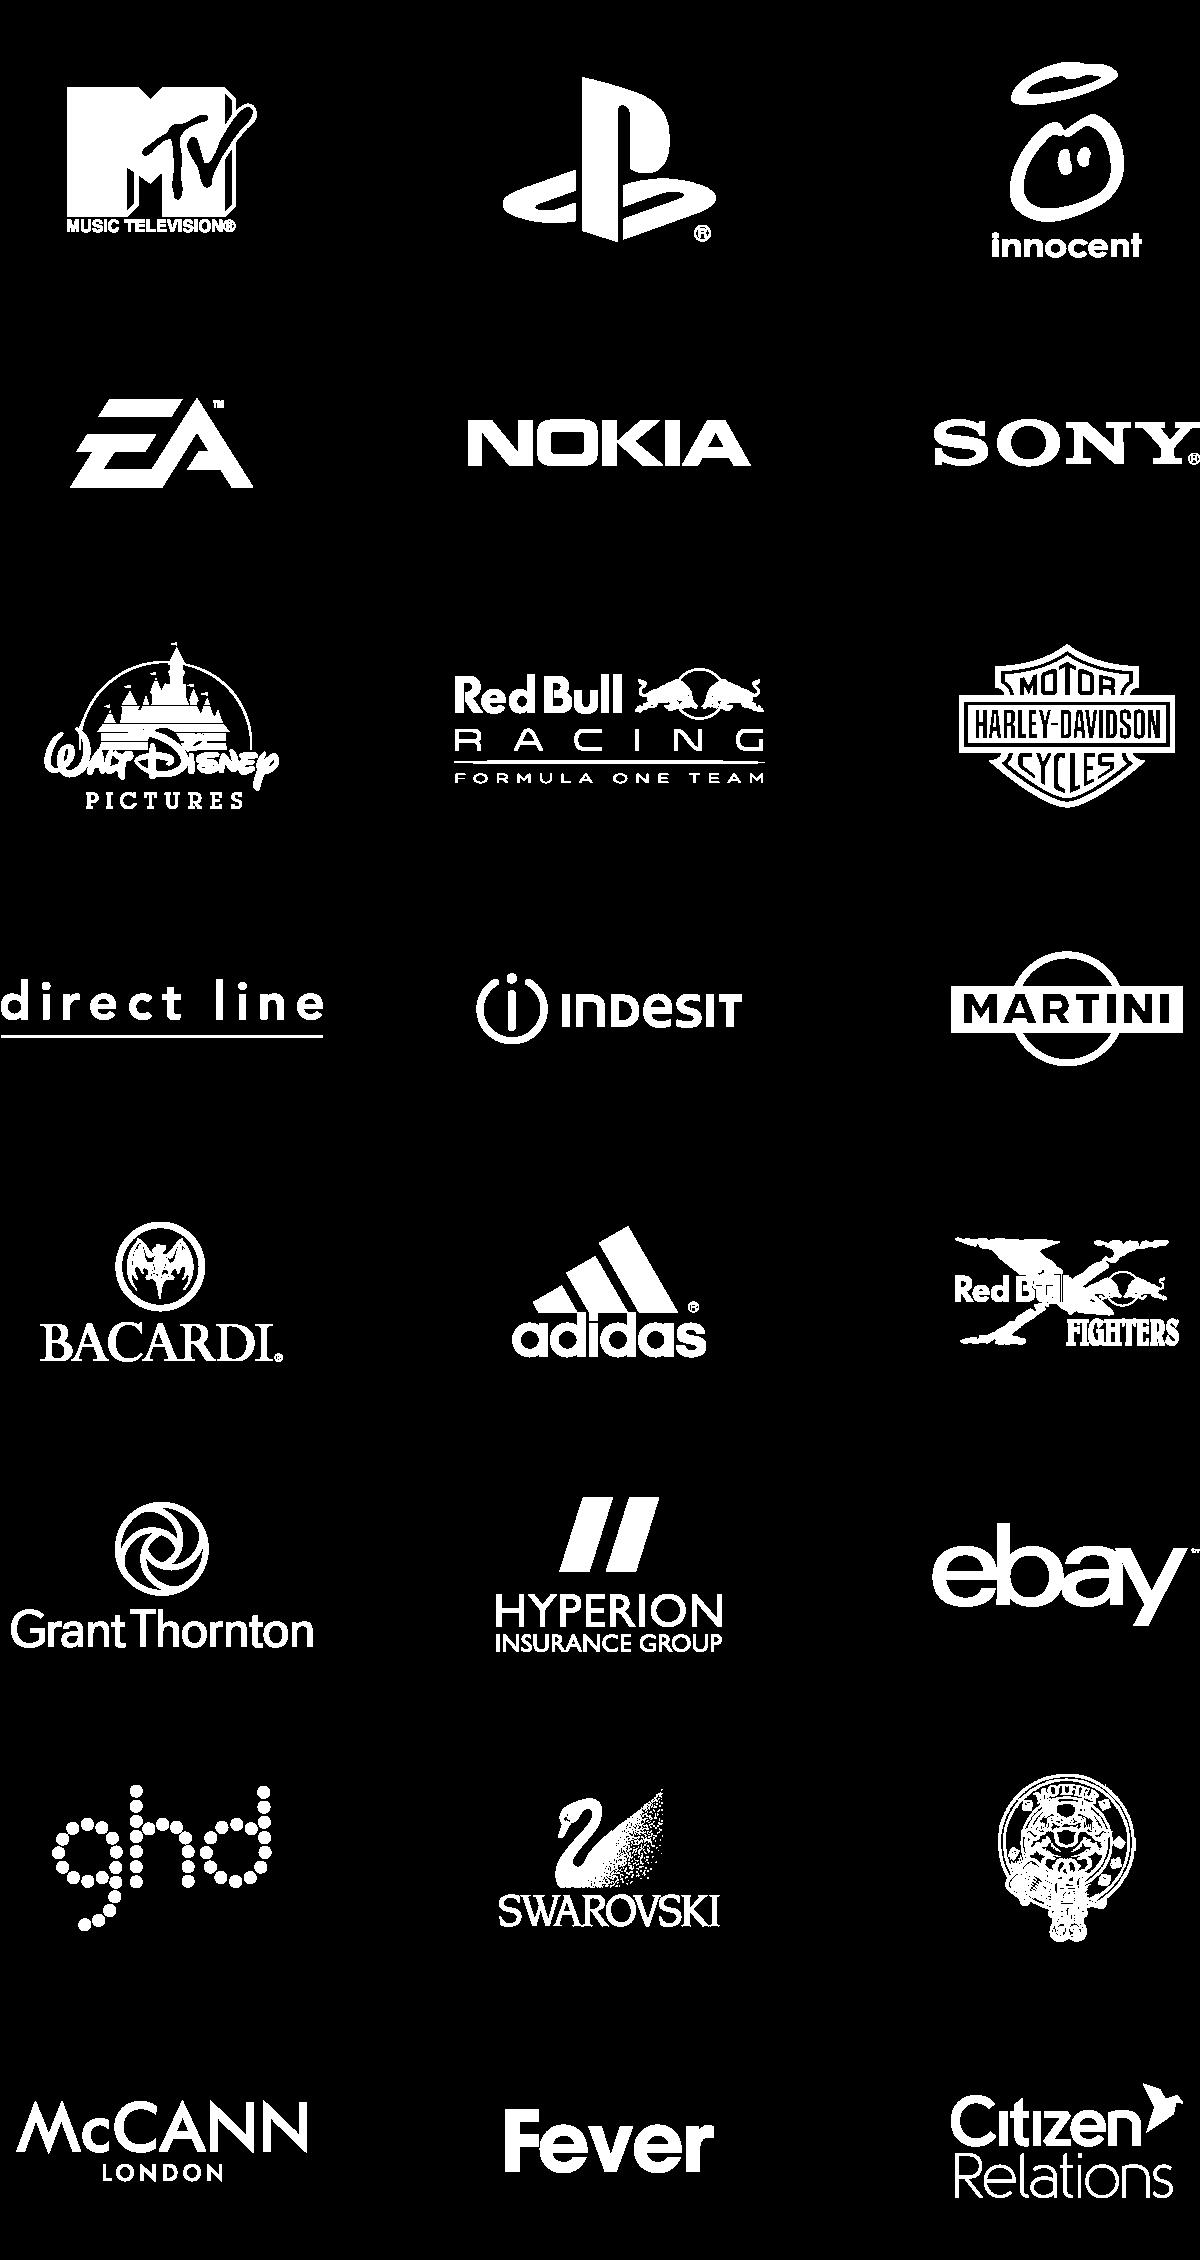 logos-iphone@2x